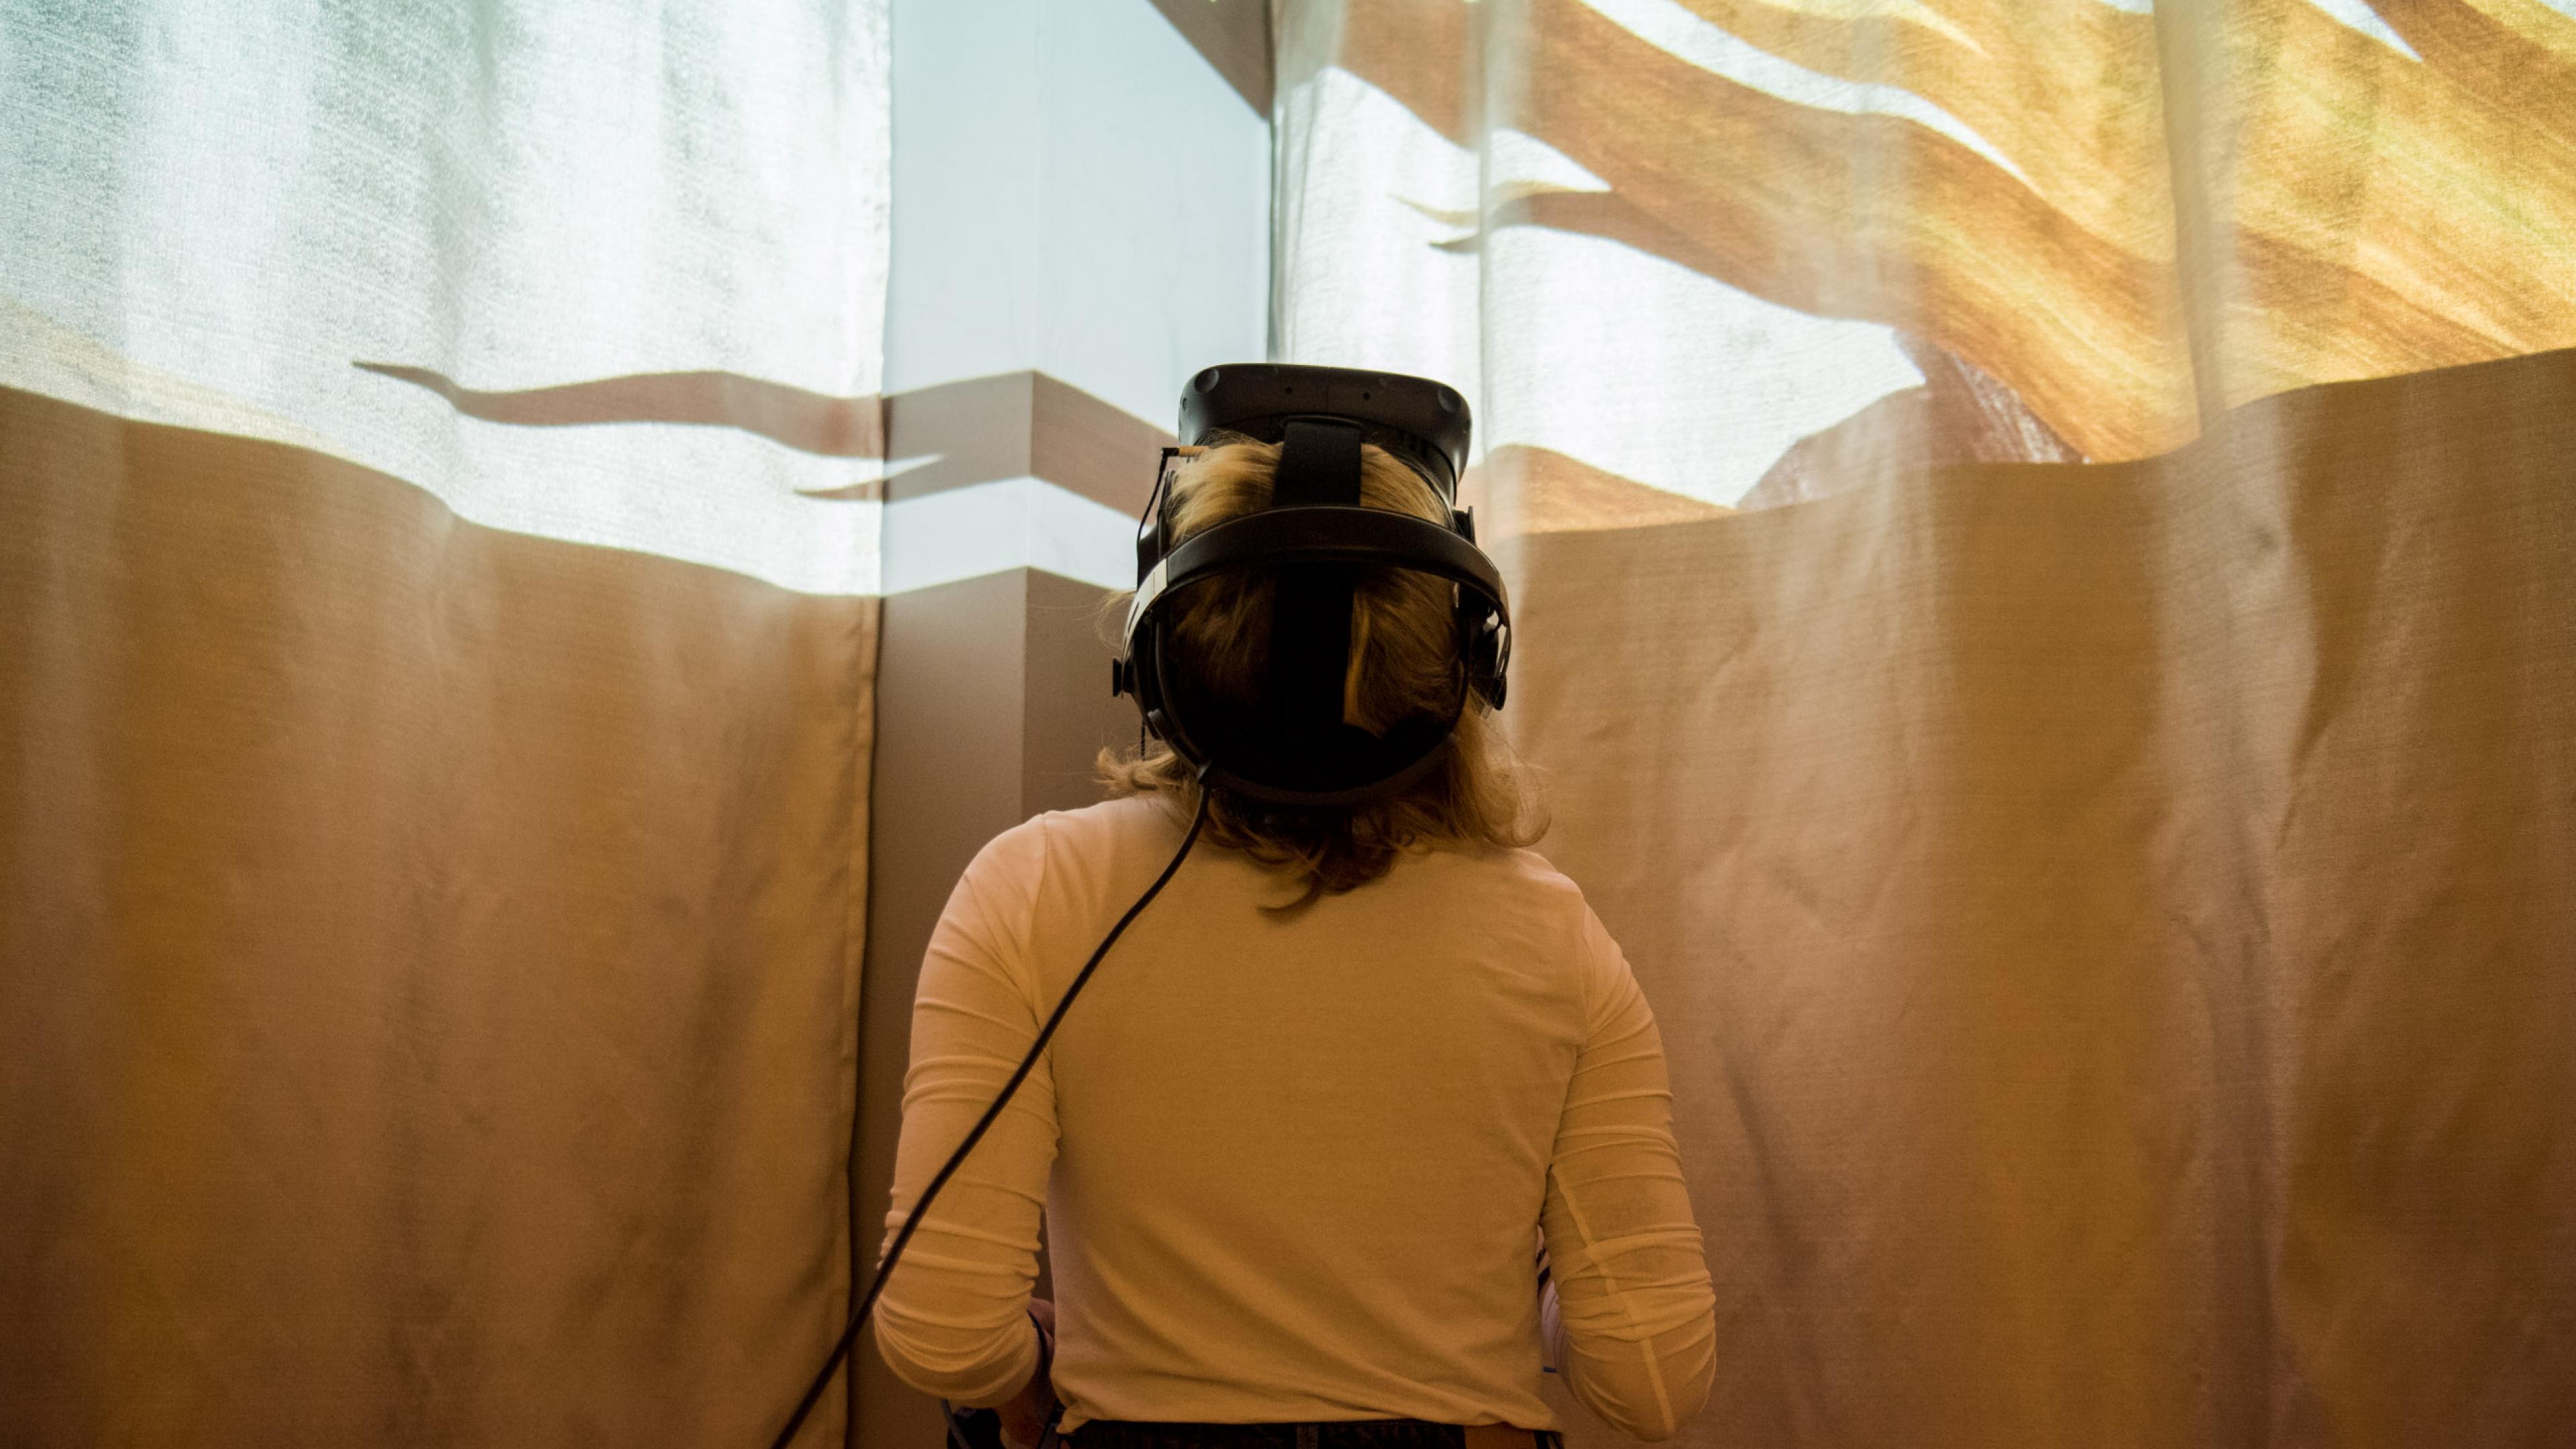 Ein weibliche Person mit VR-Brille legt ihren Kopf in den Nacken, oben im Bild erscheint eine Lichtinstallation.